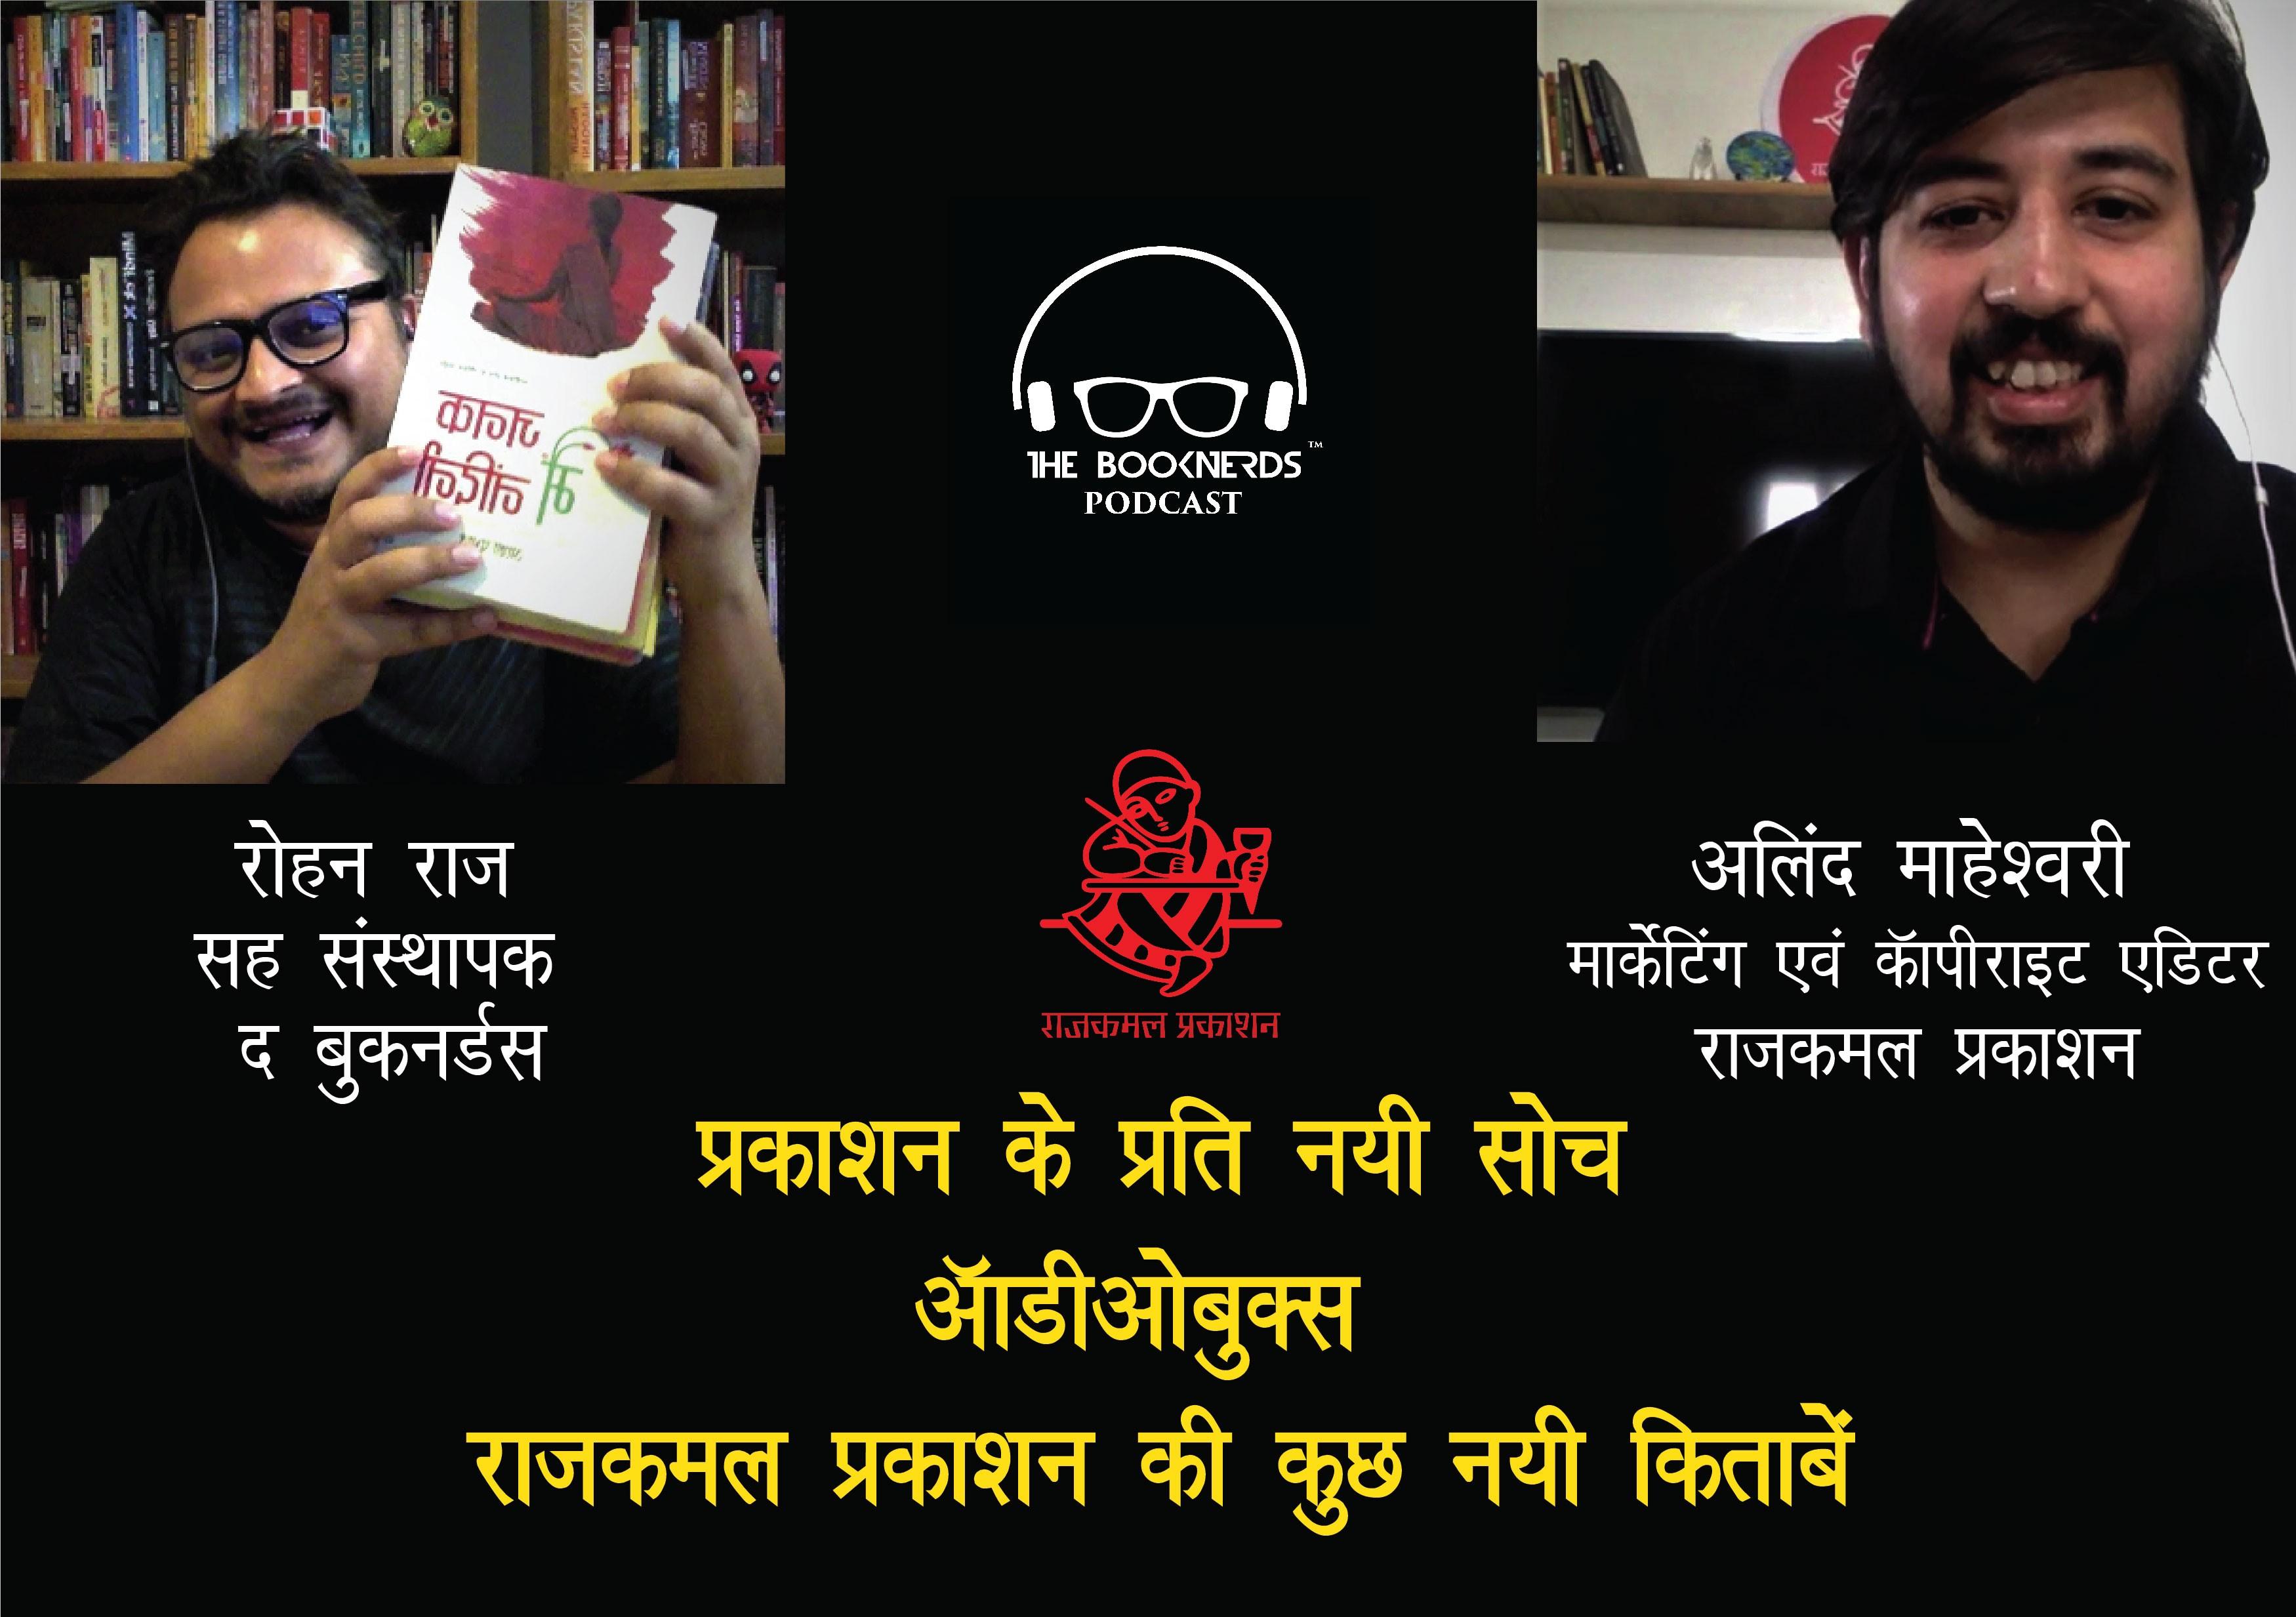 द बुकनर्डस पॉडकास्ट featuring अलिंद माहेश्वरी